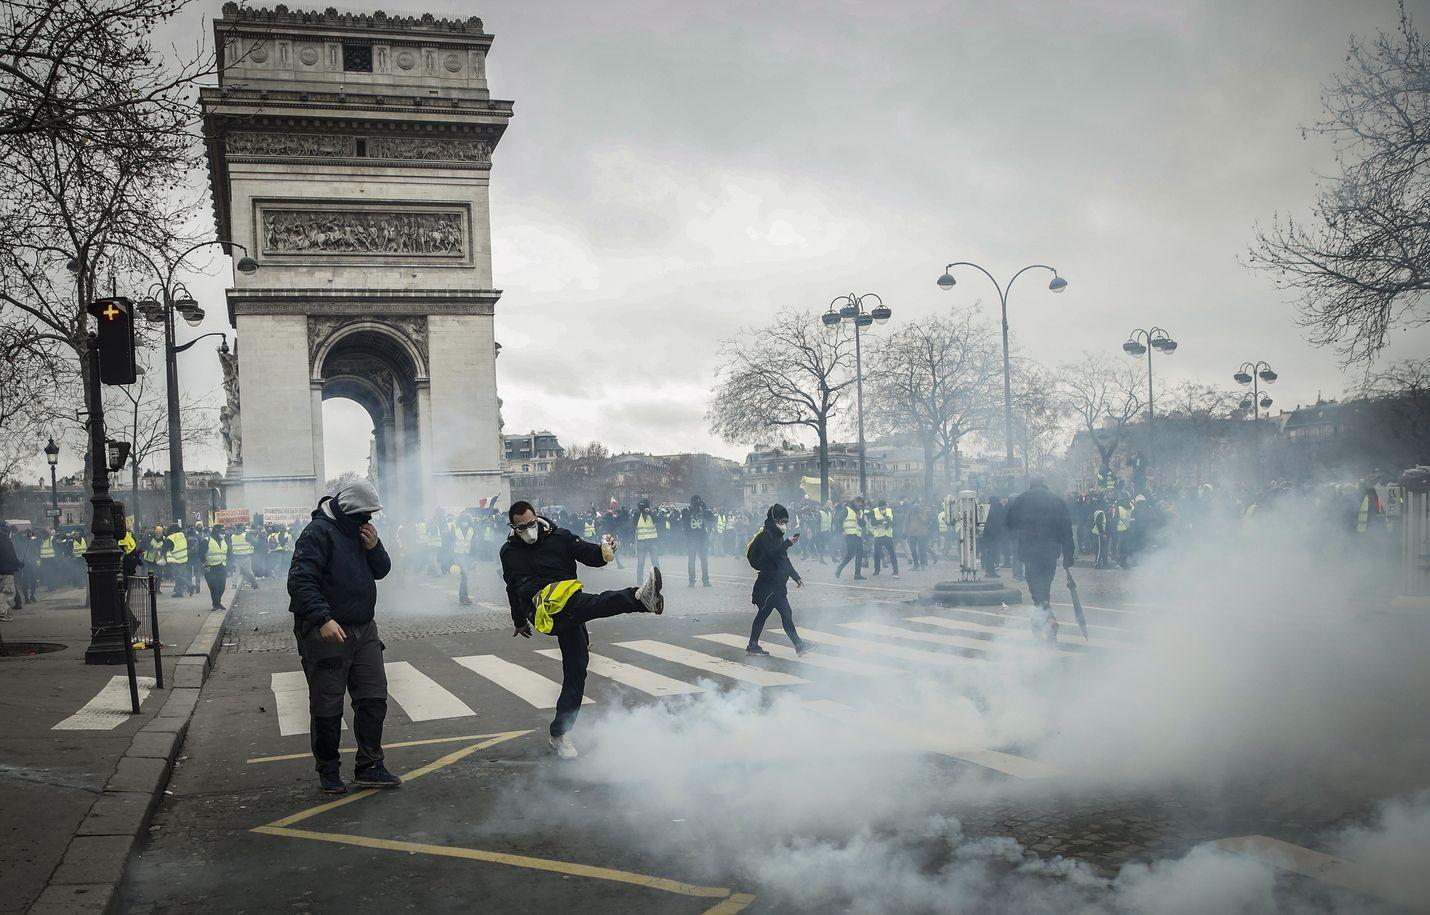 Poliisi yritti hajottaa kyynelkaasulla keltaliivien mielenosoituksen Pariisin Place de l'Etoilella, lähellä Riemukaarta.